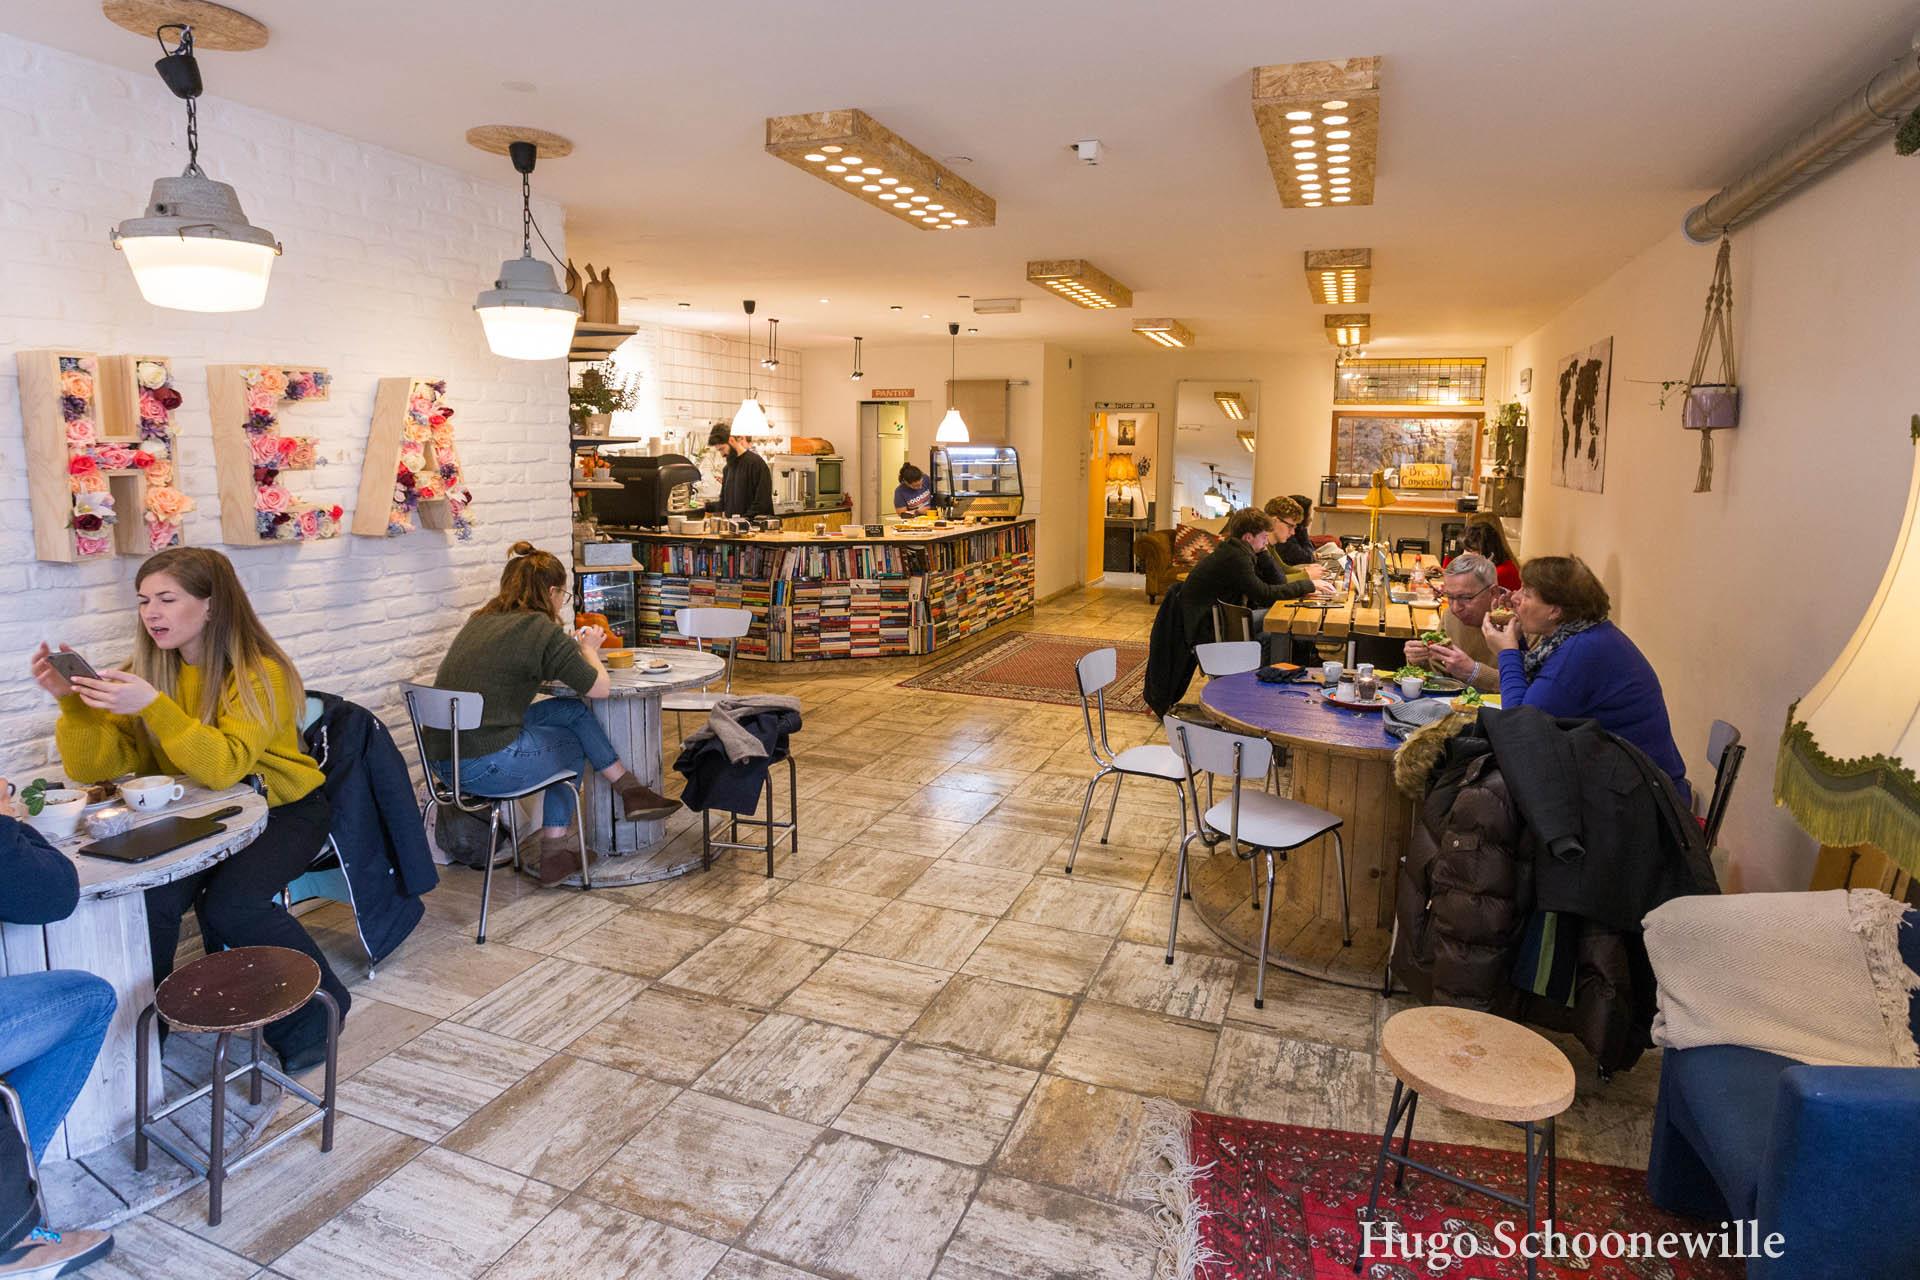 Kafethea Maastricht